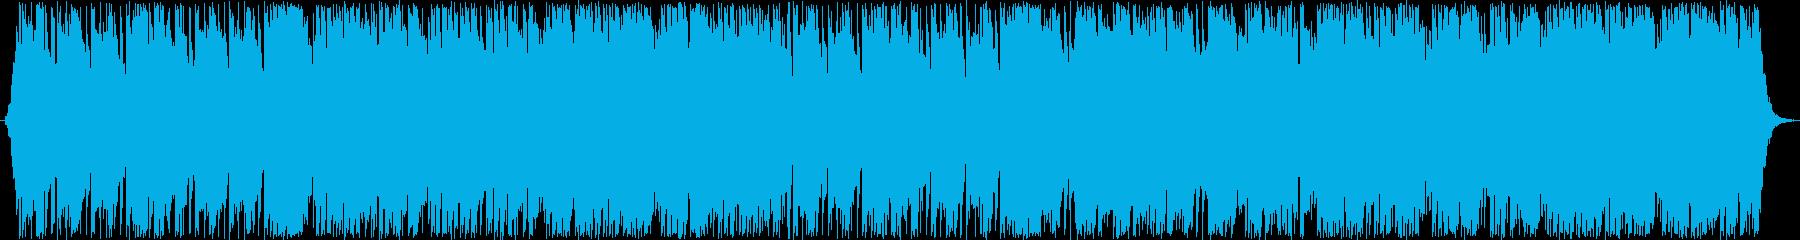 シンプルながらも迫力あるファンタジー楽曲の再生済みの波形